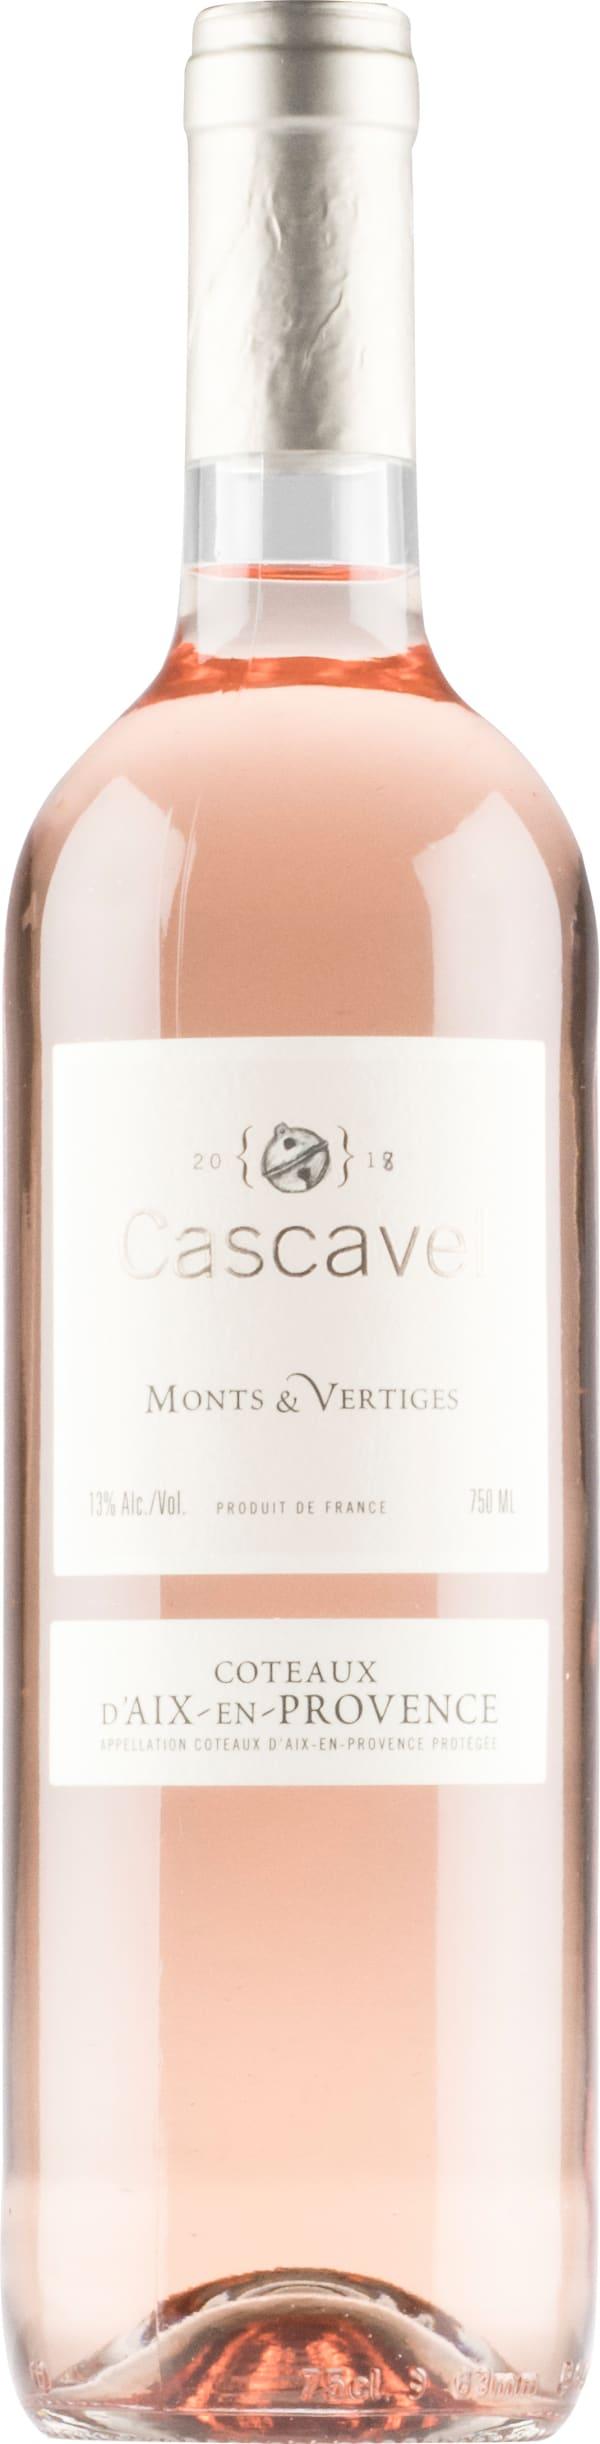 Cascavel Monts & Vertiges 2019